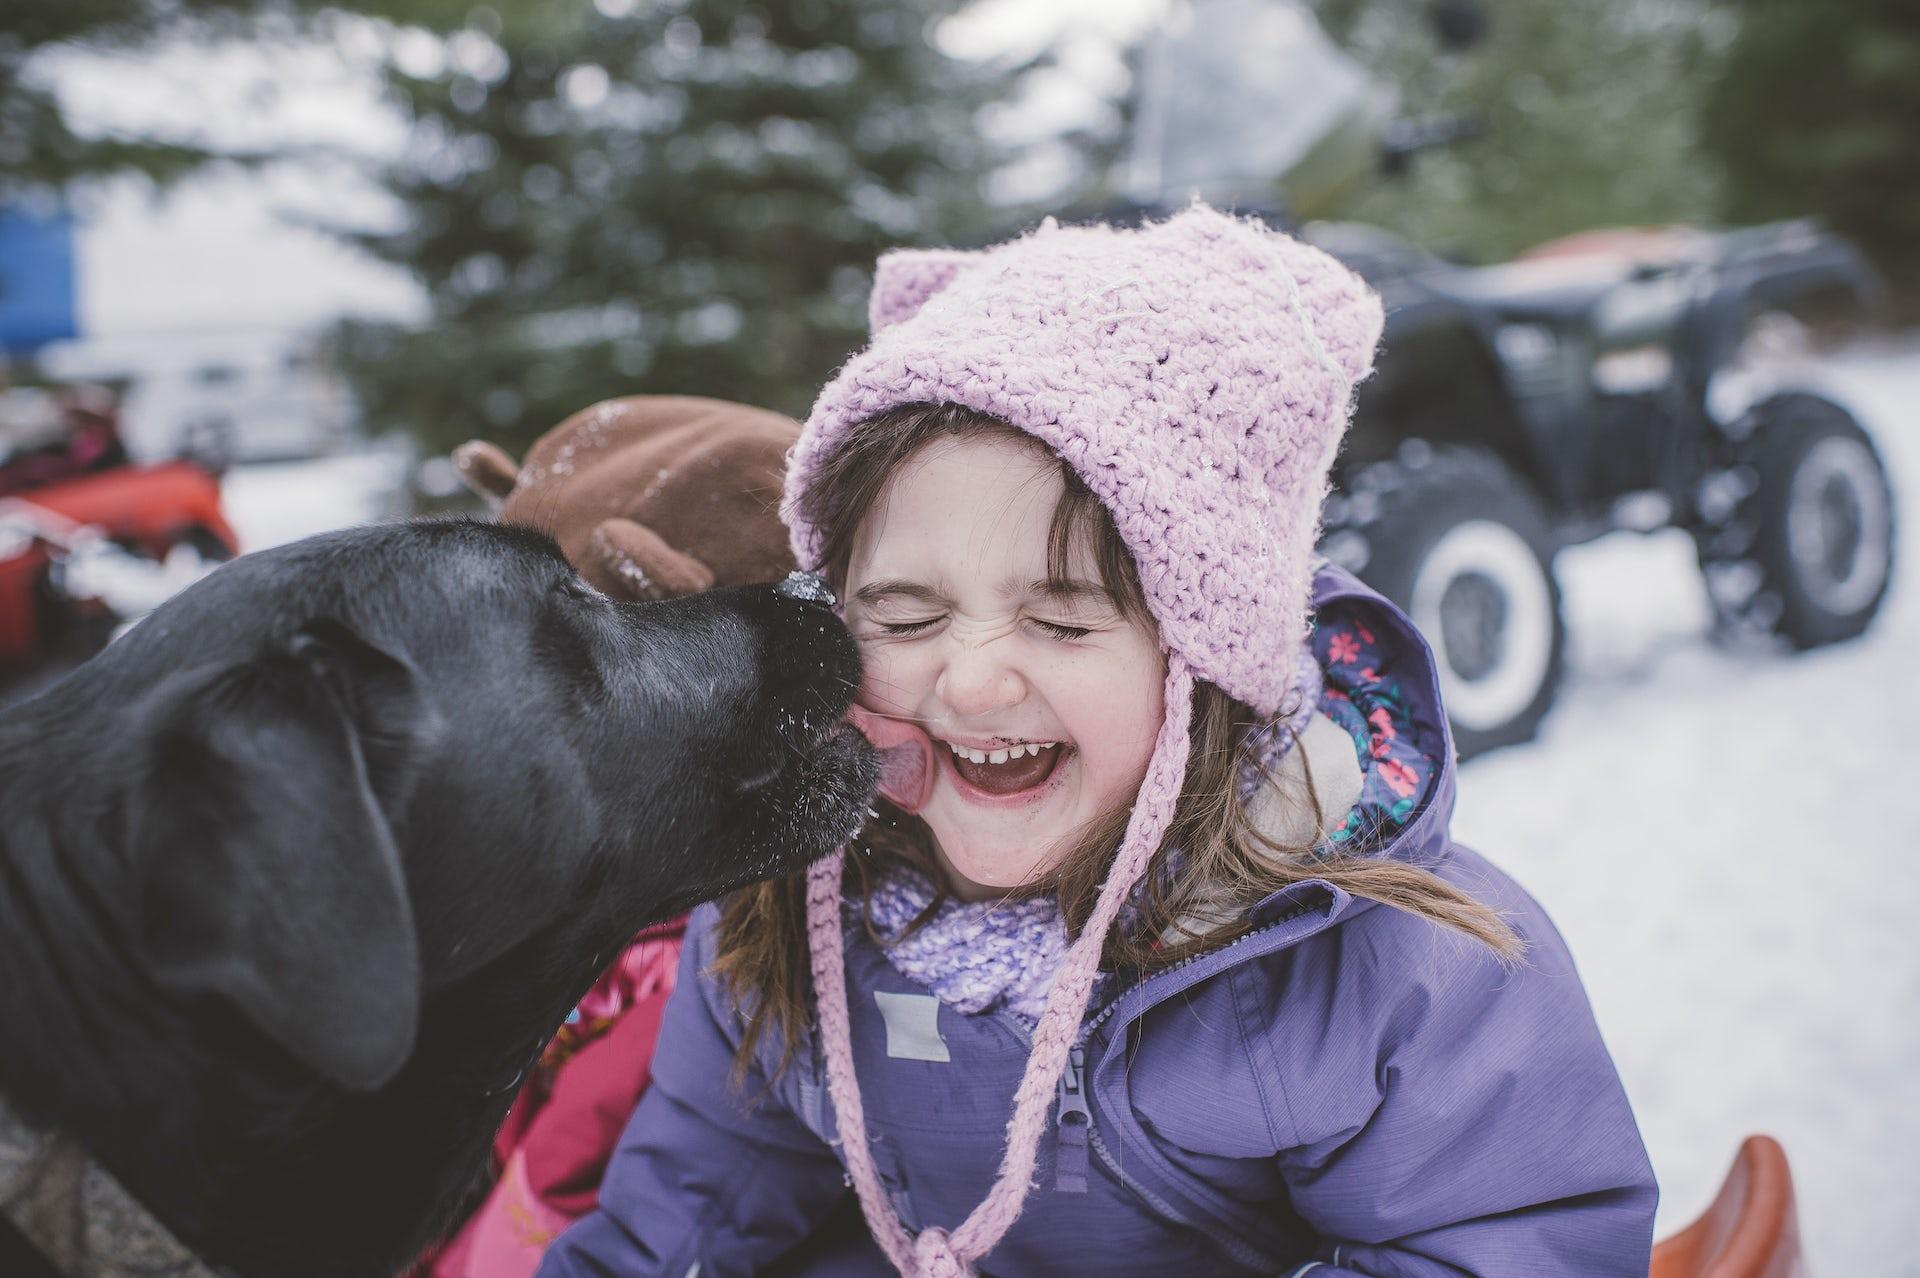 Un perro le lame la cara a una niña.